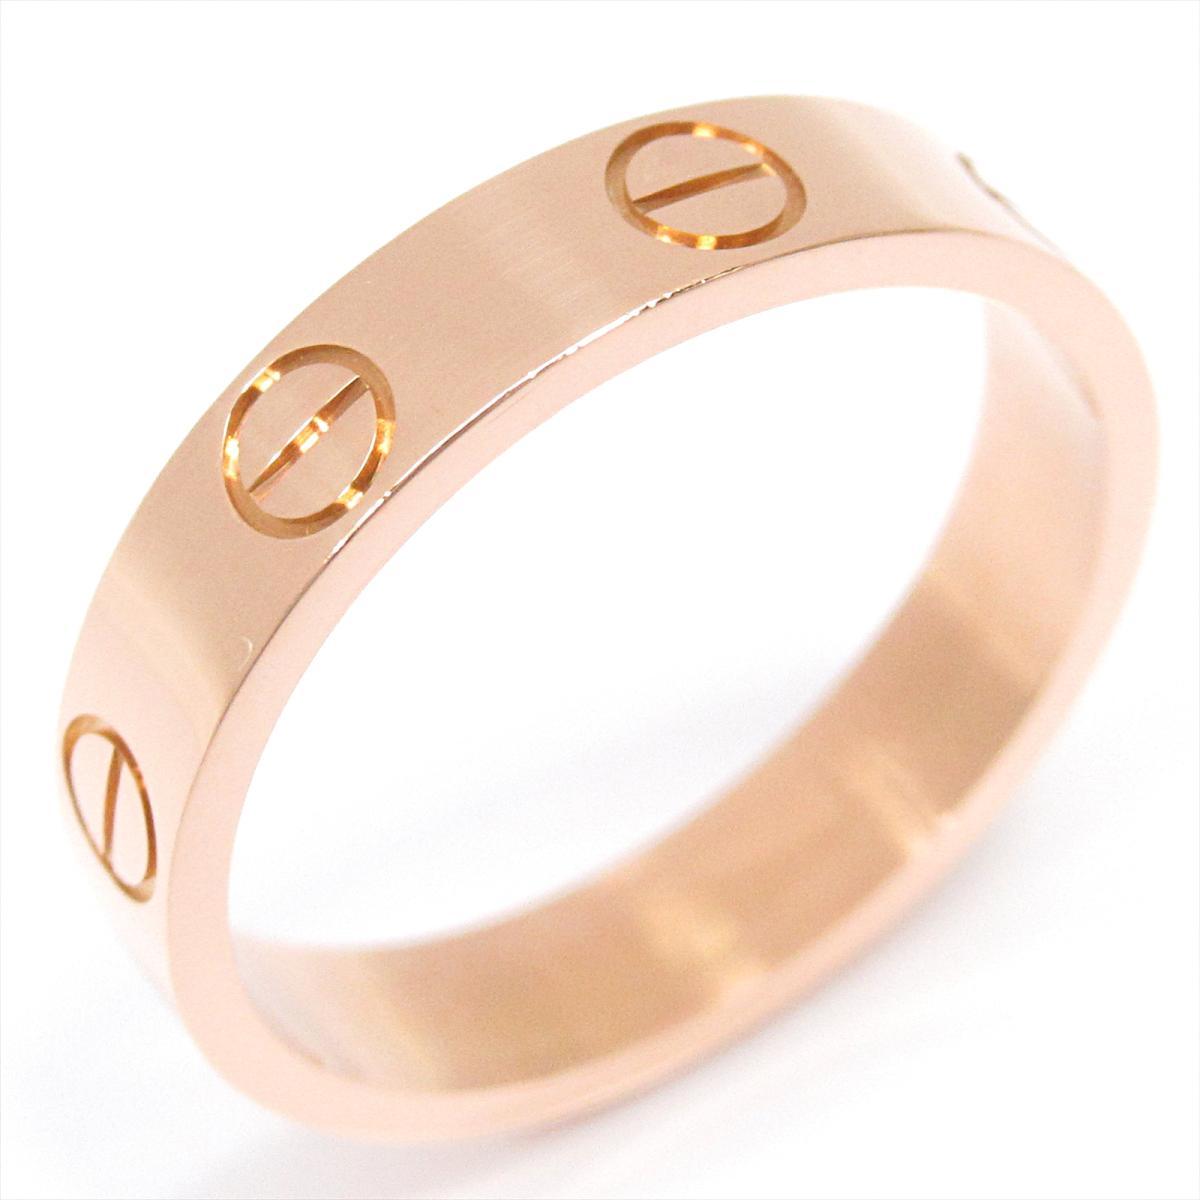 【中古】 カルティエ ミニラブリング 指輪 メンズ レディース K18PG (750) ピンクゴールド (B4085249) | Cartier BRANDOFF ブランドオフ ブランド ジュエリー アクセサリー リング